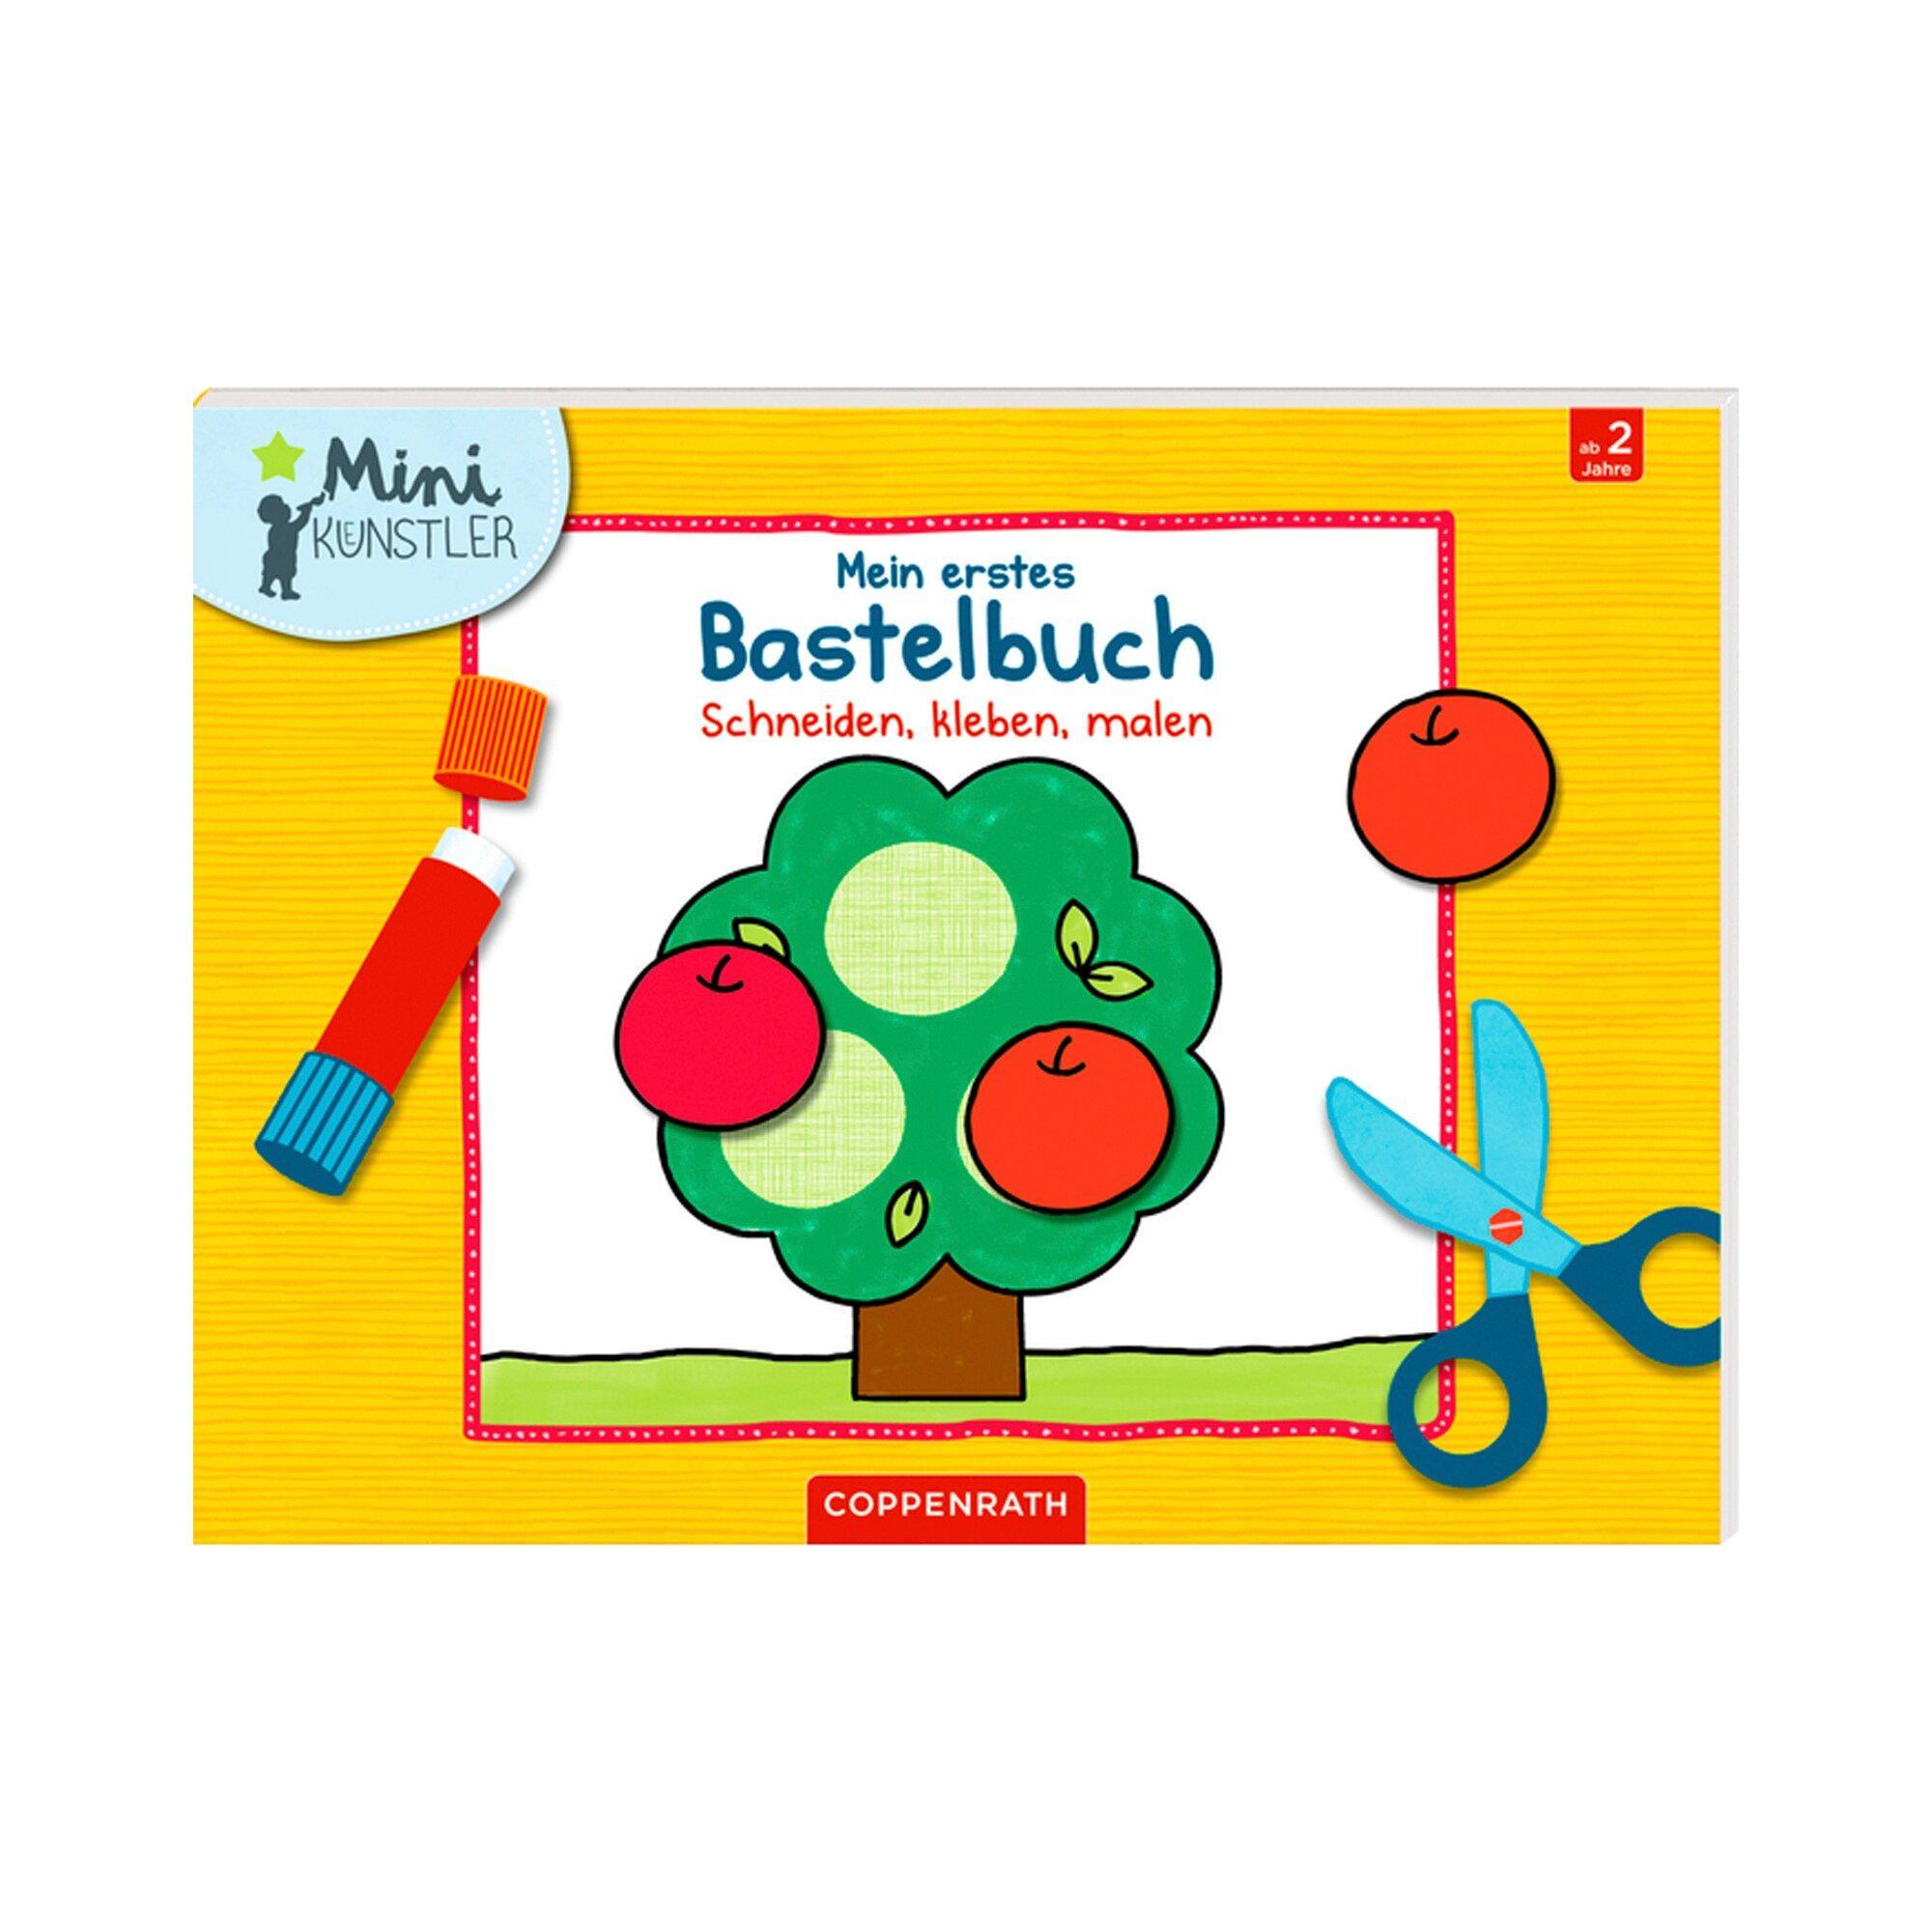 Kreativbuch Mein erstes Bastelbuch Schneiden, kleben malen Mini Künstler